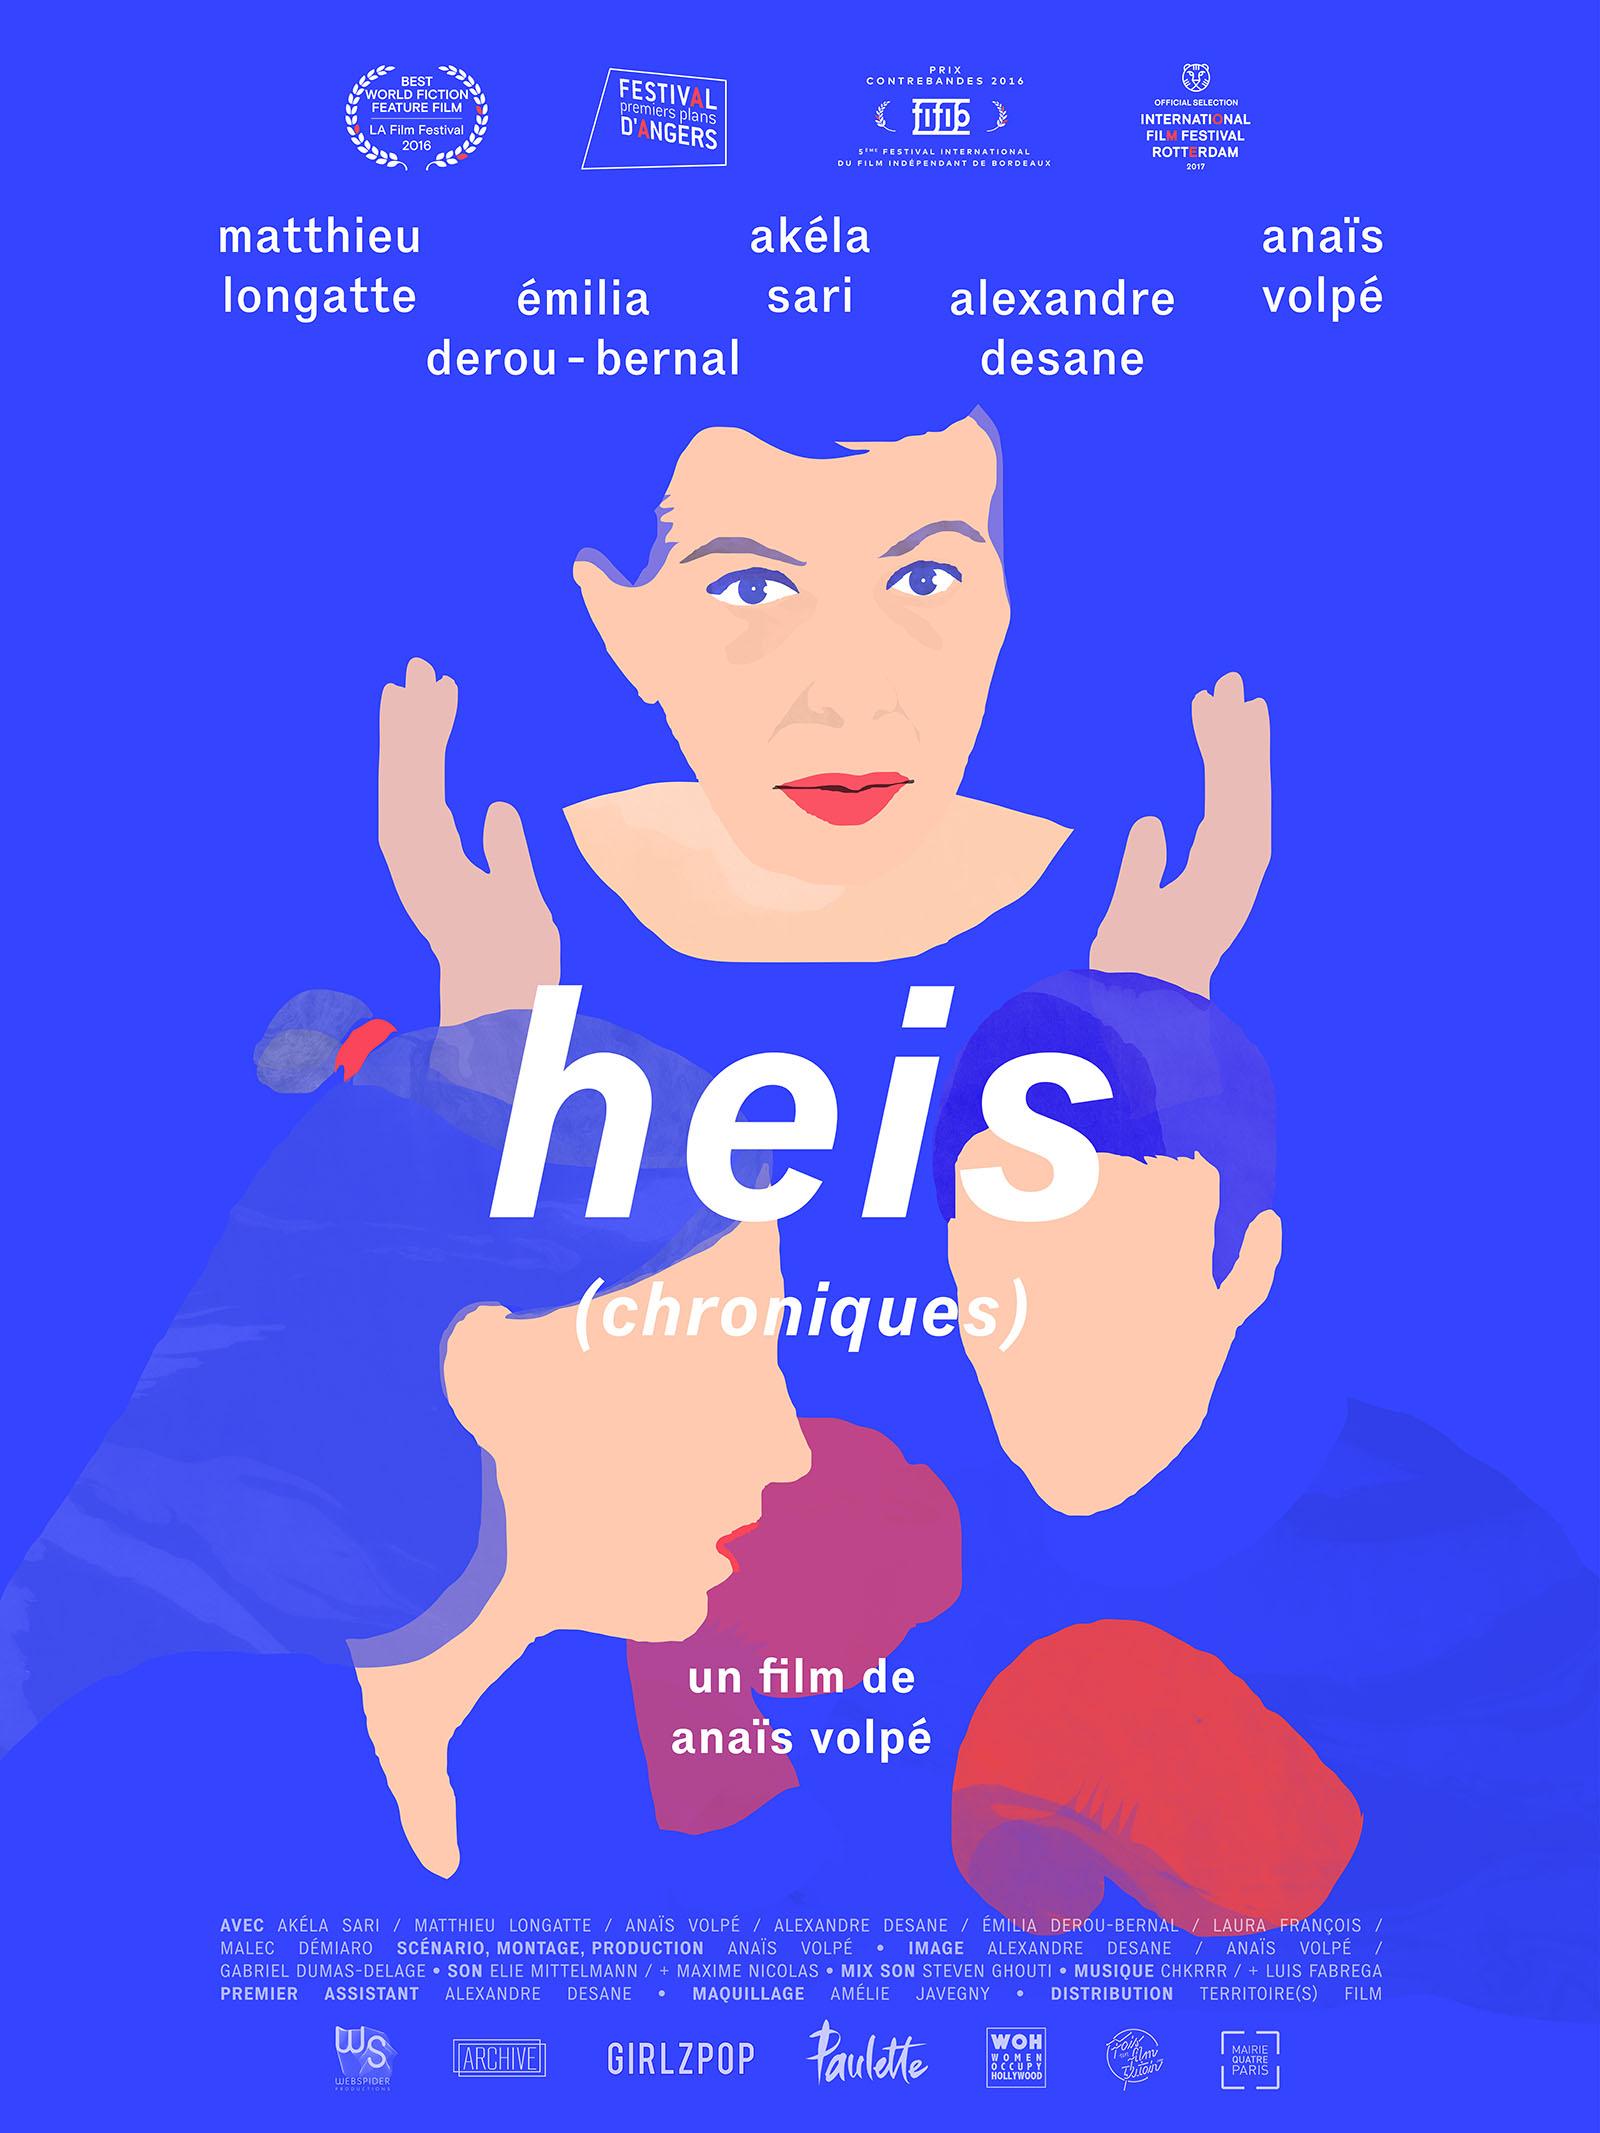 heis chroniques, un film d'anais volpe